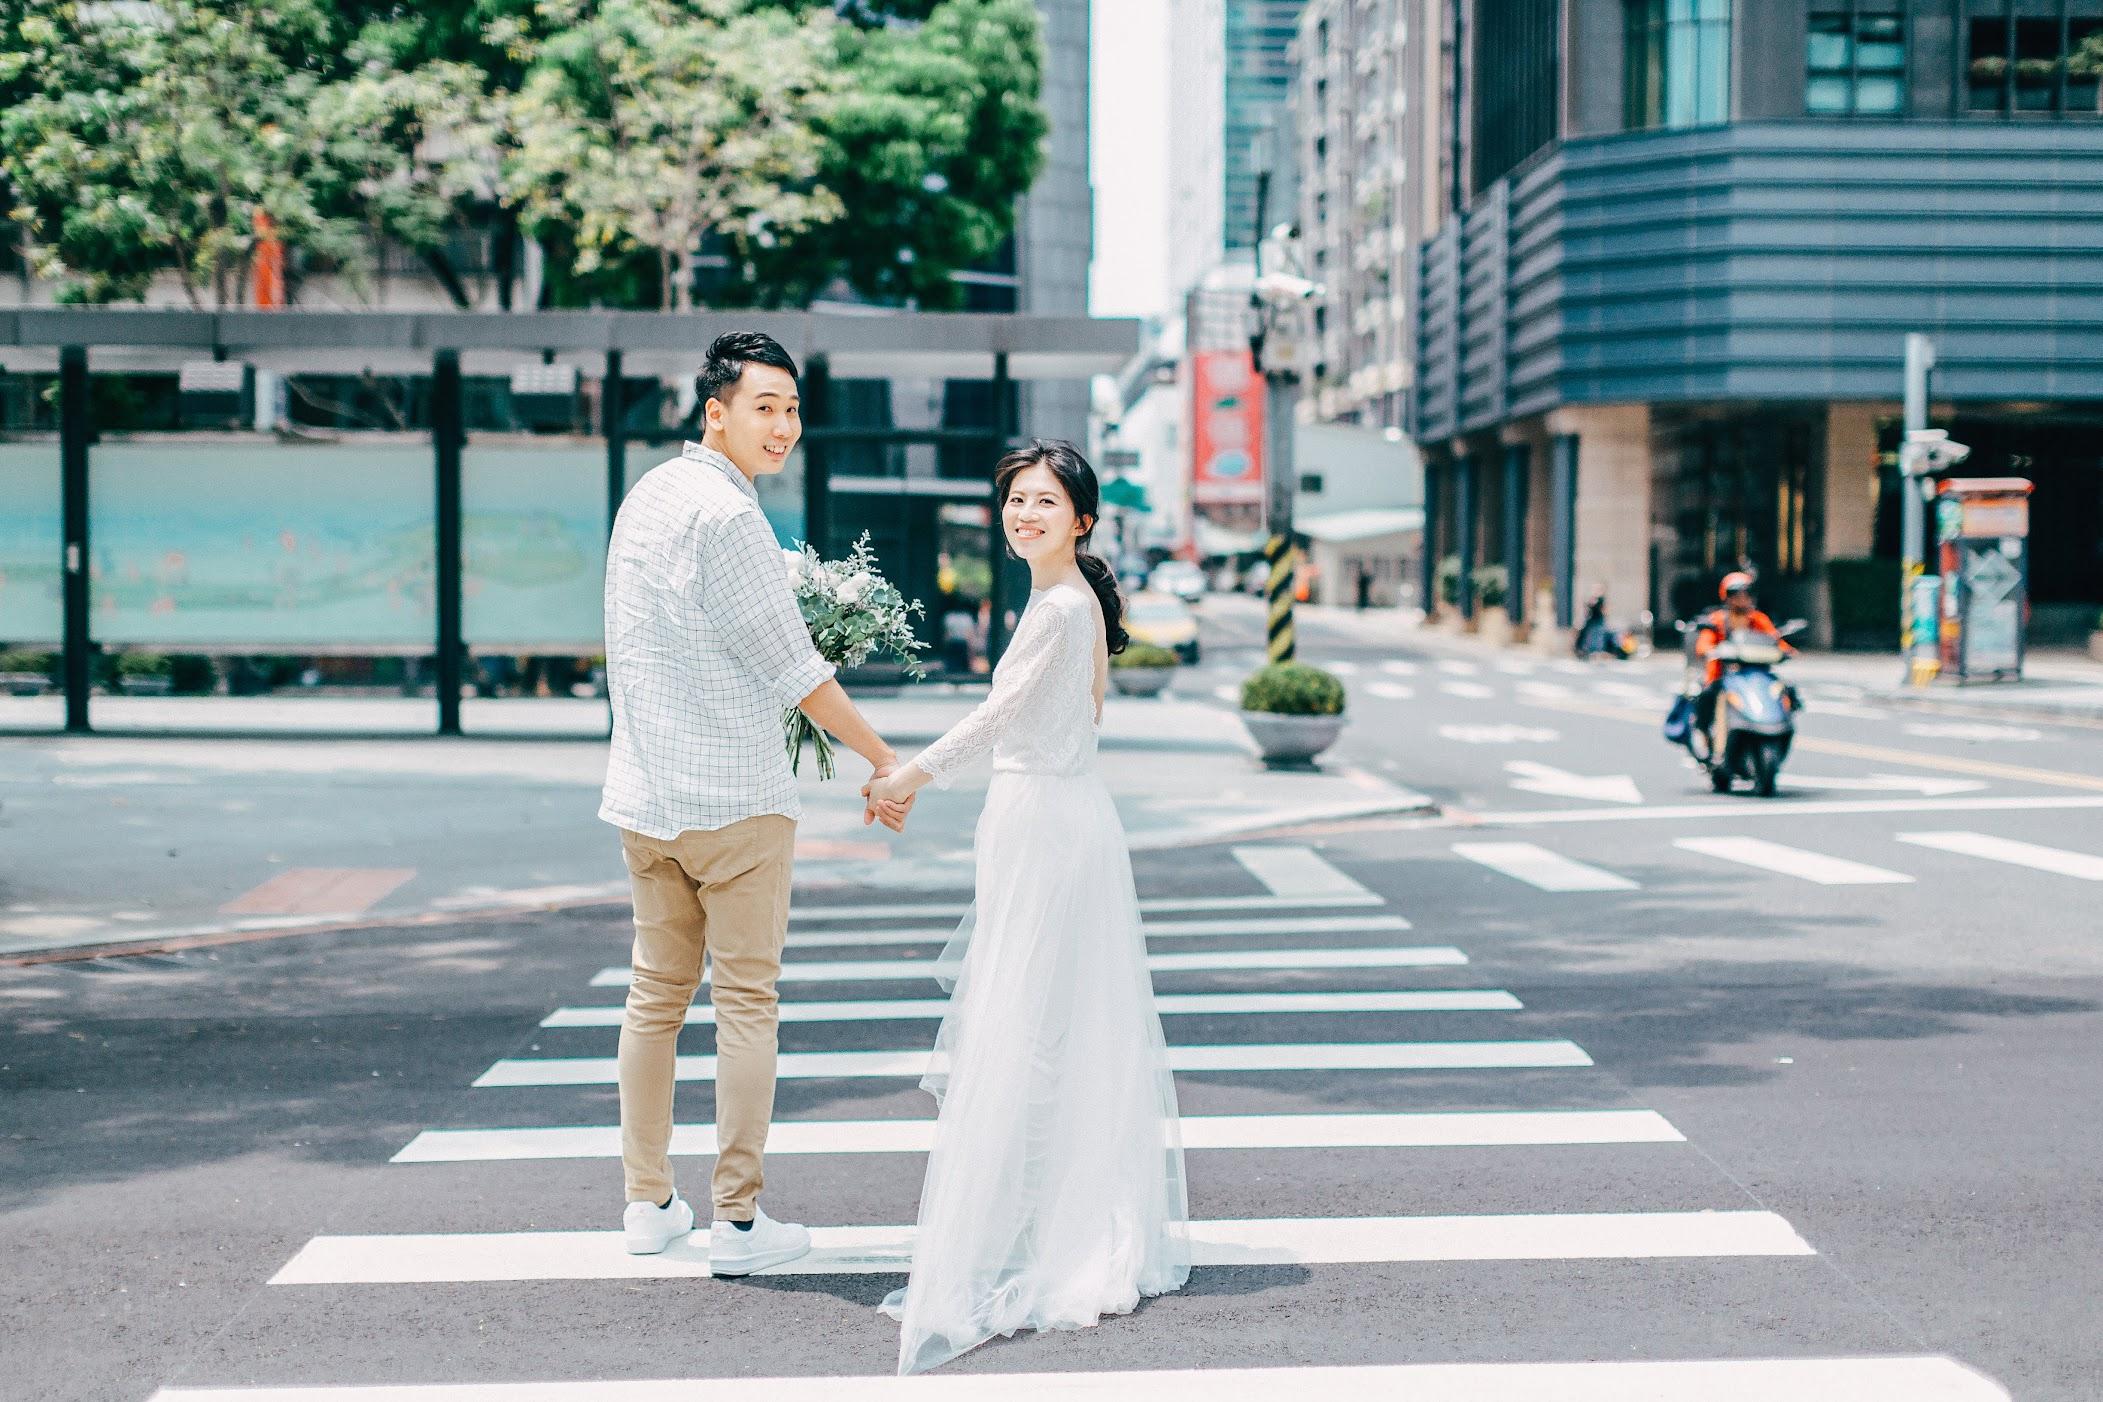 9大台中婚紗景點大公開,超適合自助外拍的台中婚紗景點,一次告訴你